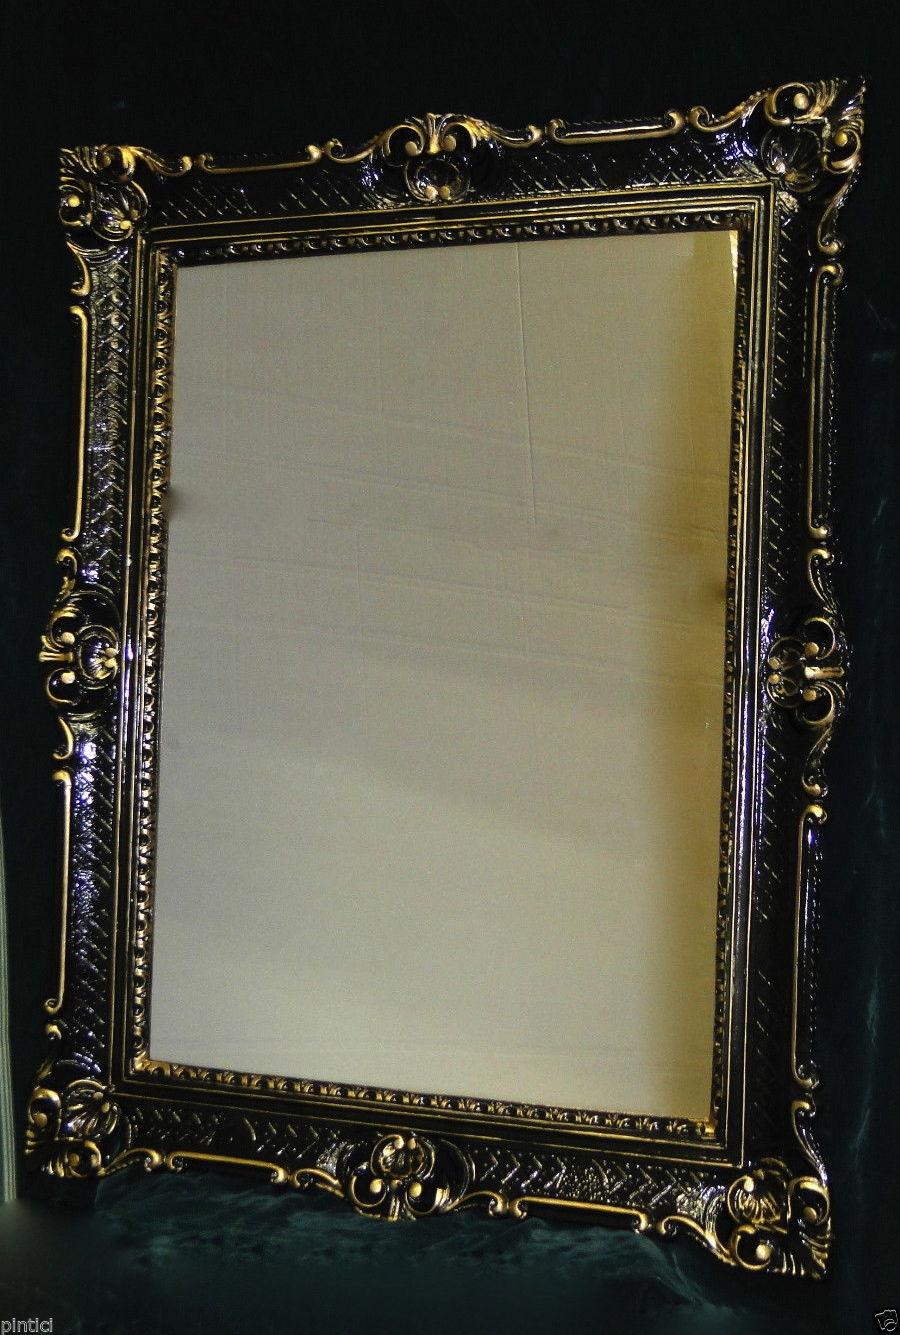 spiegel antik wandspiegel barock xxl spiegel schwarz gold rahmen hochglanz 90x70 kaufen bei. Black Bedroom Furniture Sets. Home Design Ideas